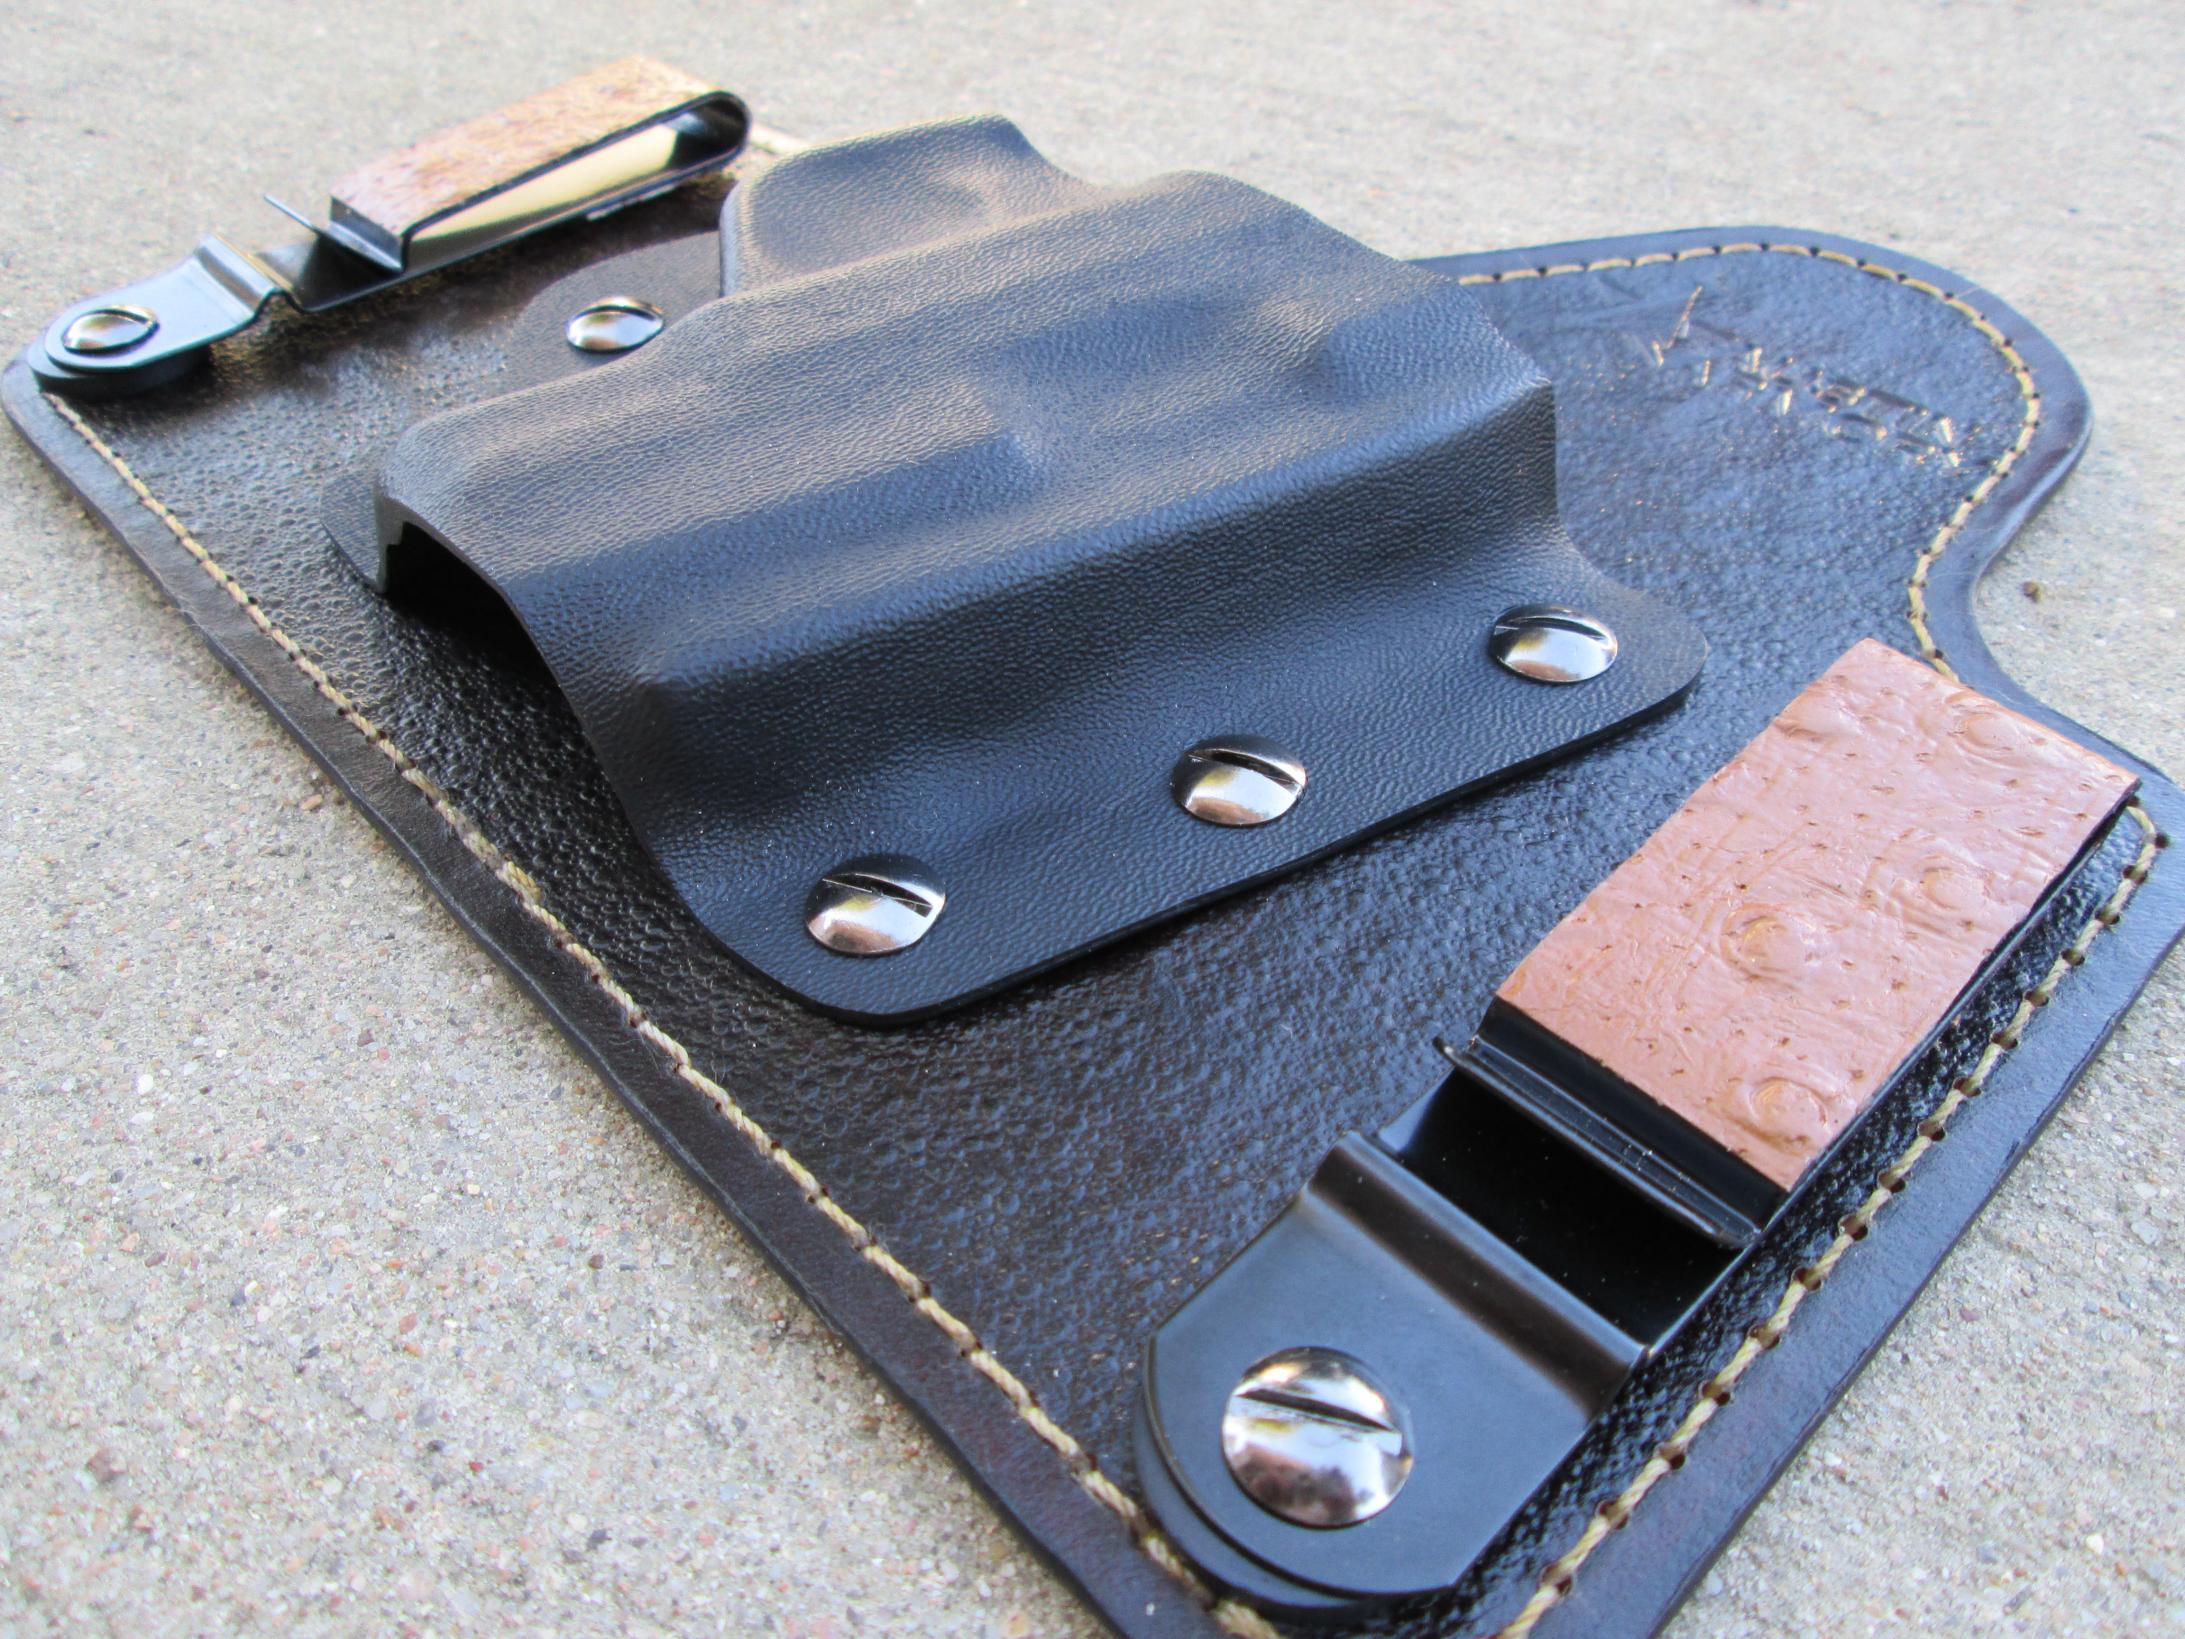 New Holster Options for 2014-iwb-custom-holster-carry-005.jpg